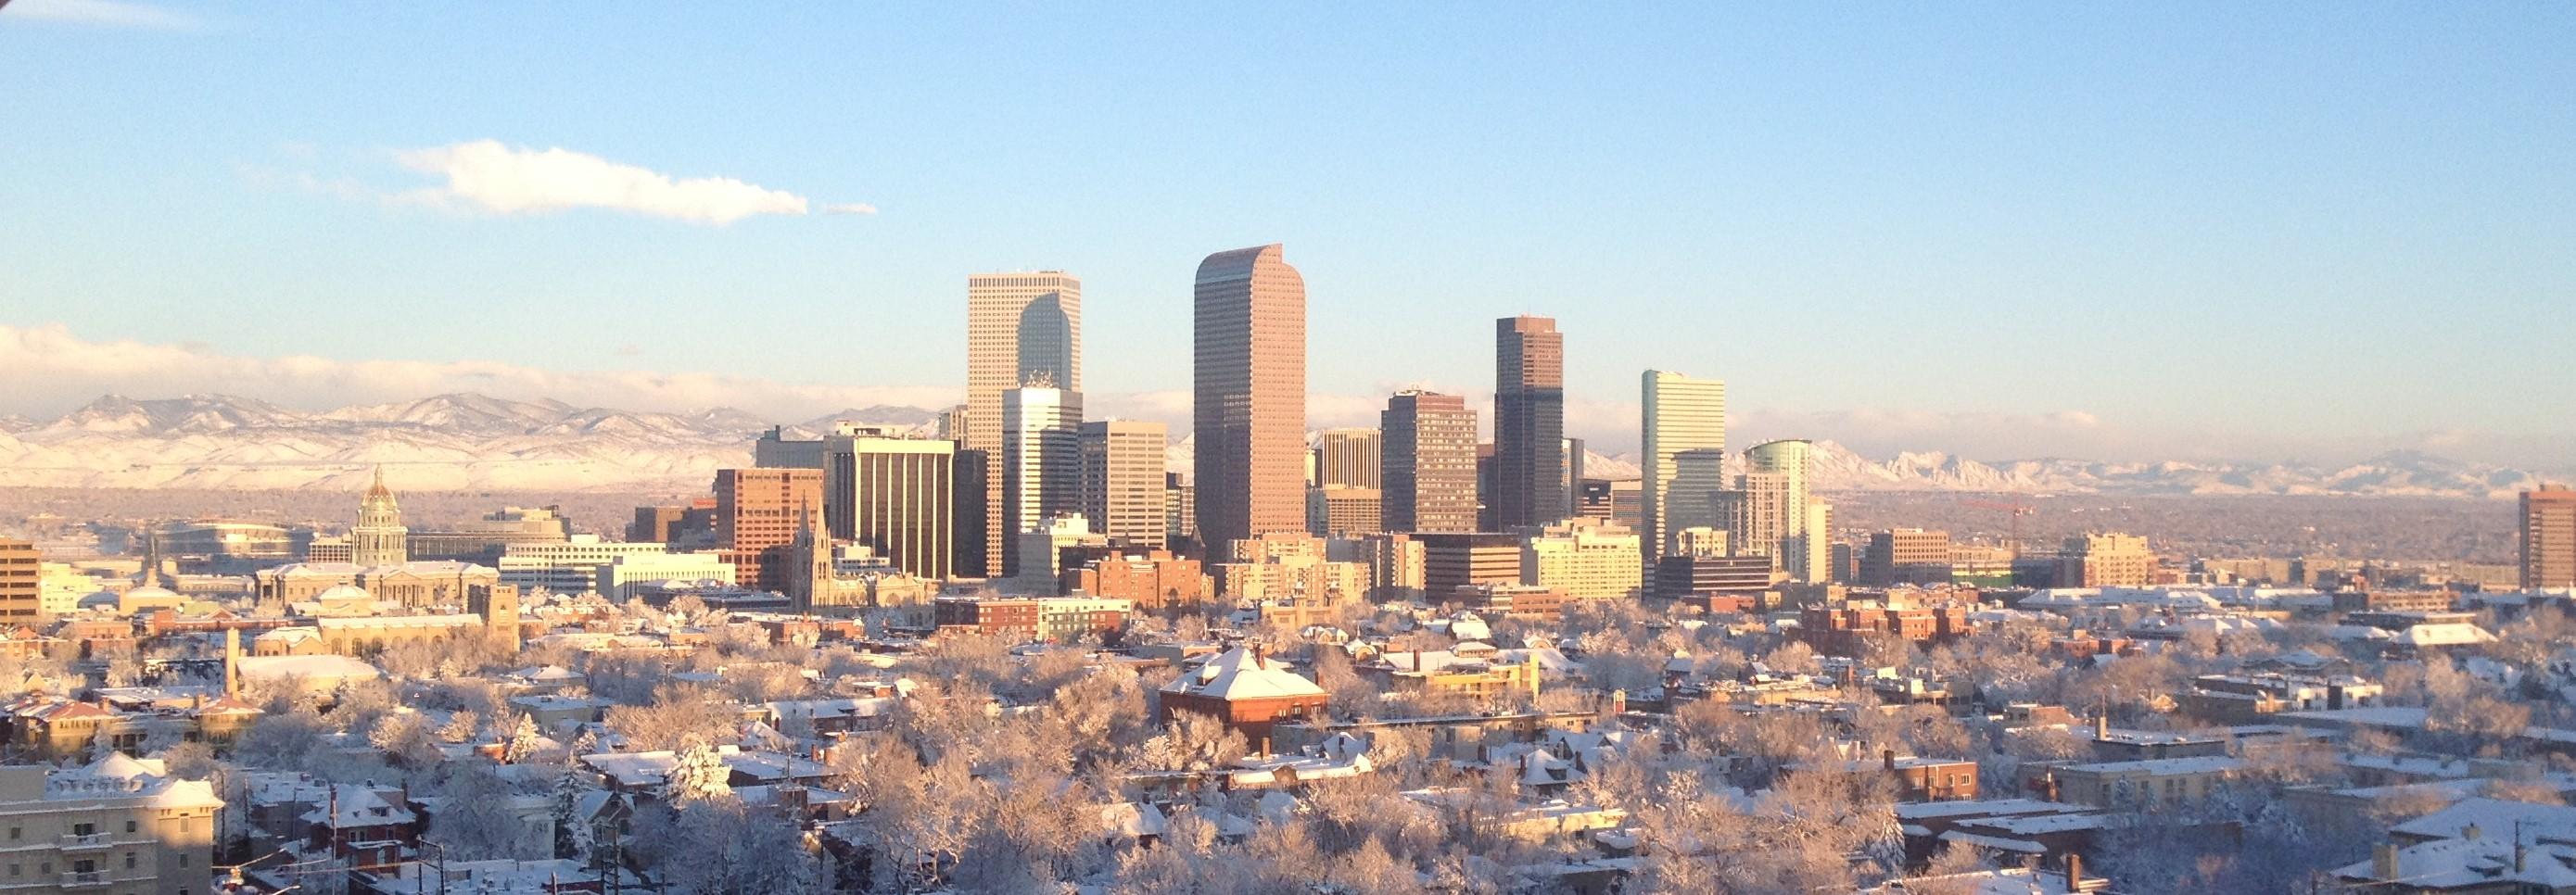 Denver_Skyline_in_Winter